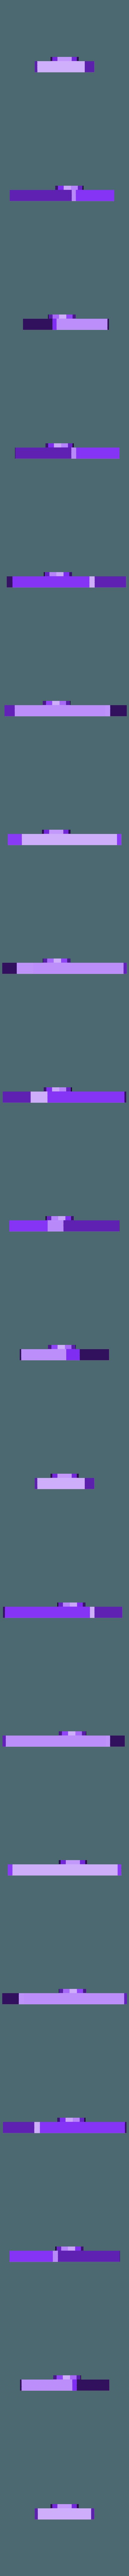 Printrbot_Multi_E3D_Cyclops.stl Télécharger fichier STL gratuit Printrbot Multi • Objet à imprimer en 3D, rushmere3d